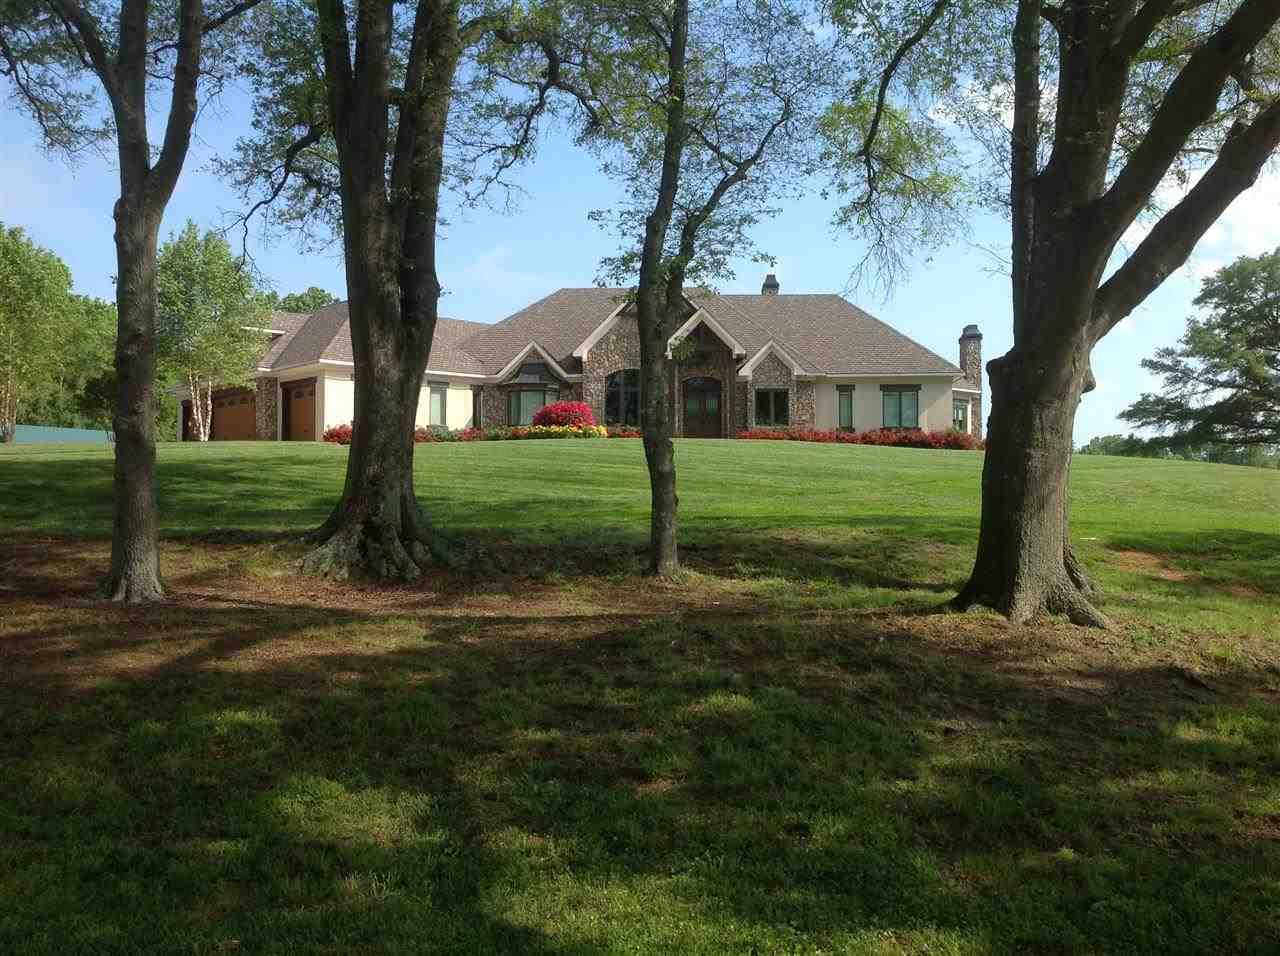 Real Estate for Sale, ListingId: 32034484, Catawba,SC29704